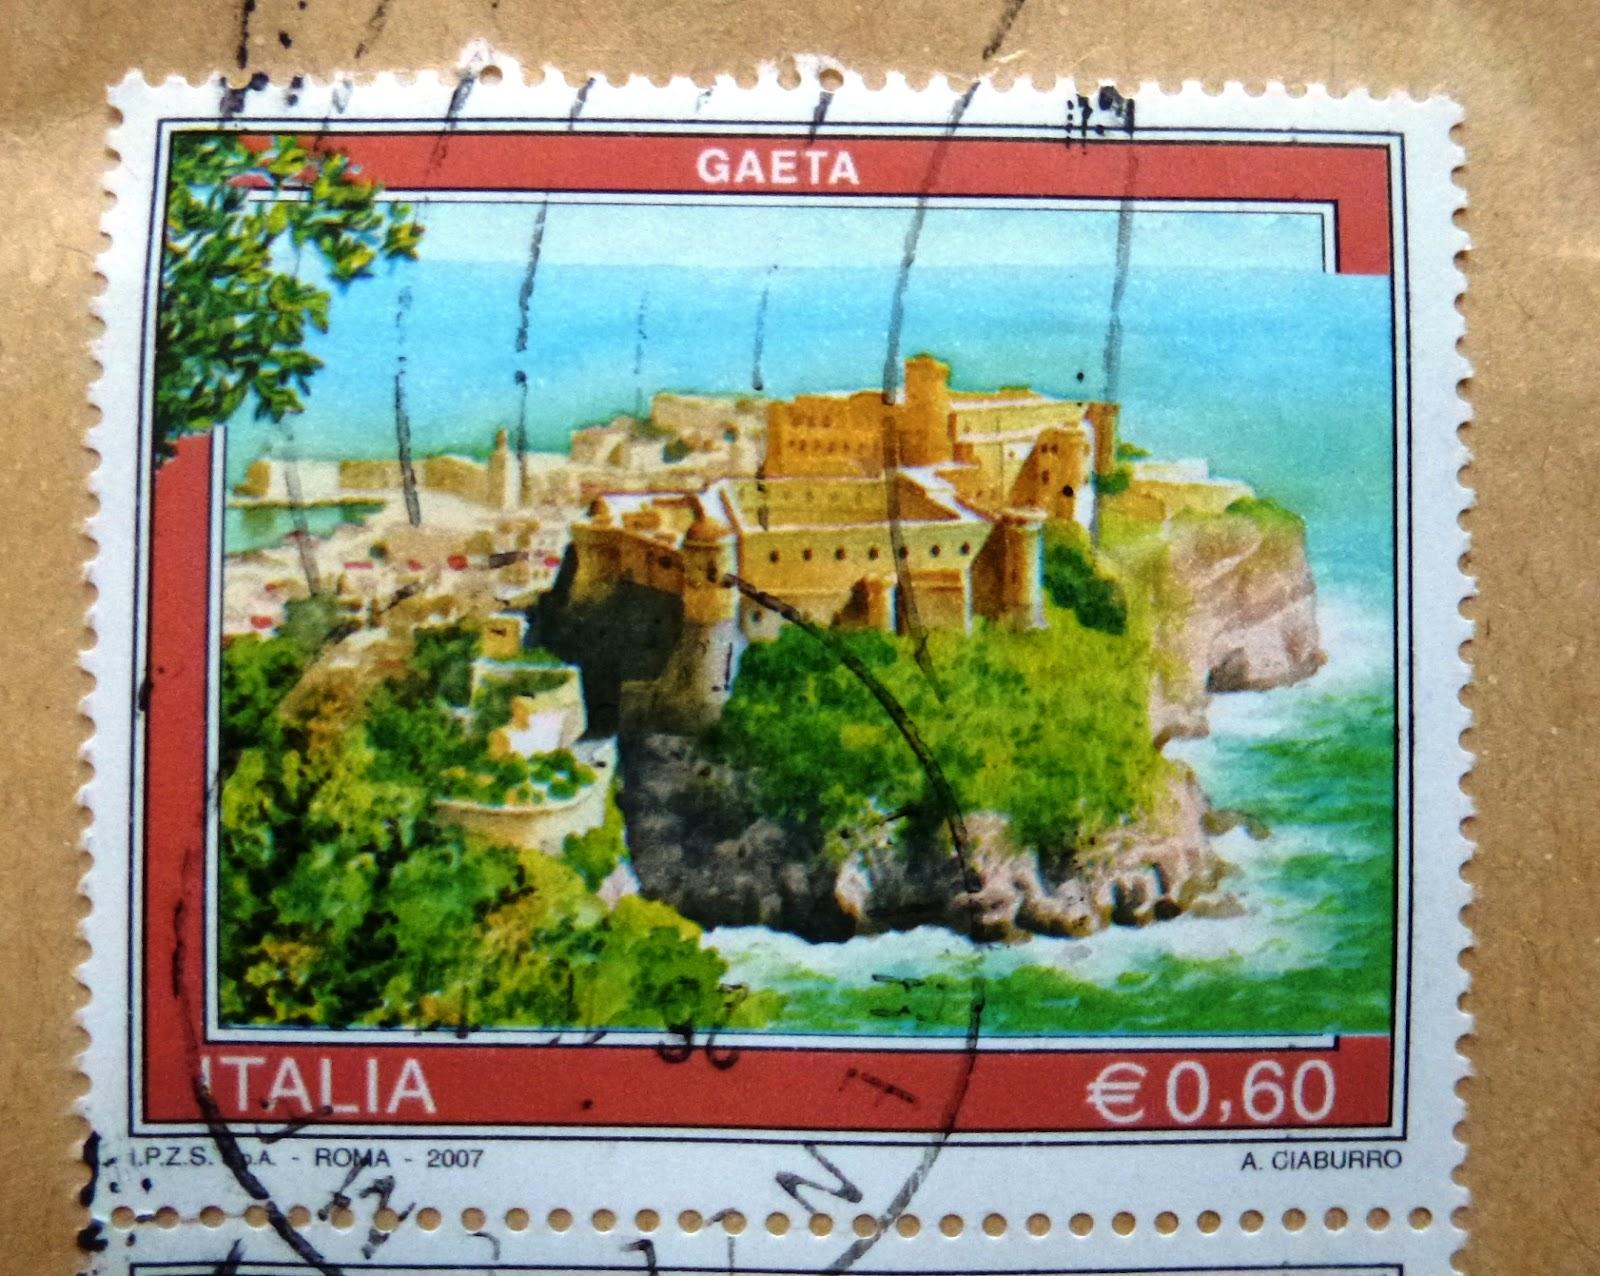 Gaeta francobollo